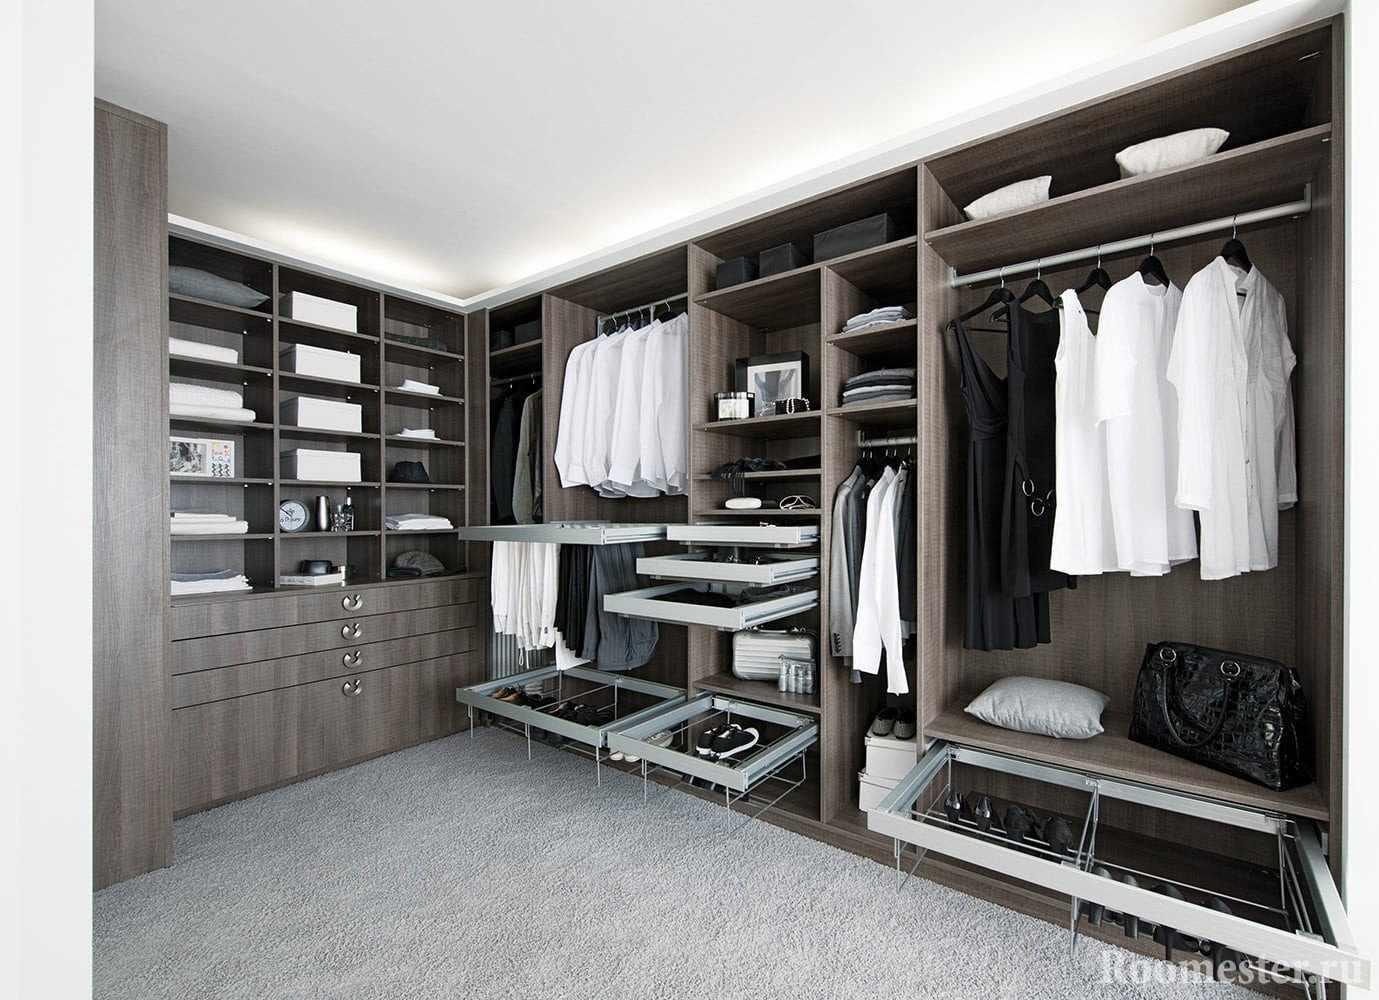 Механизмы для размещения одежды